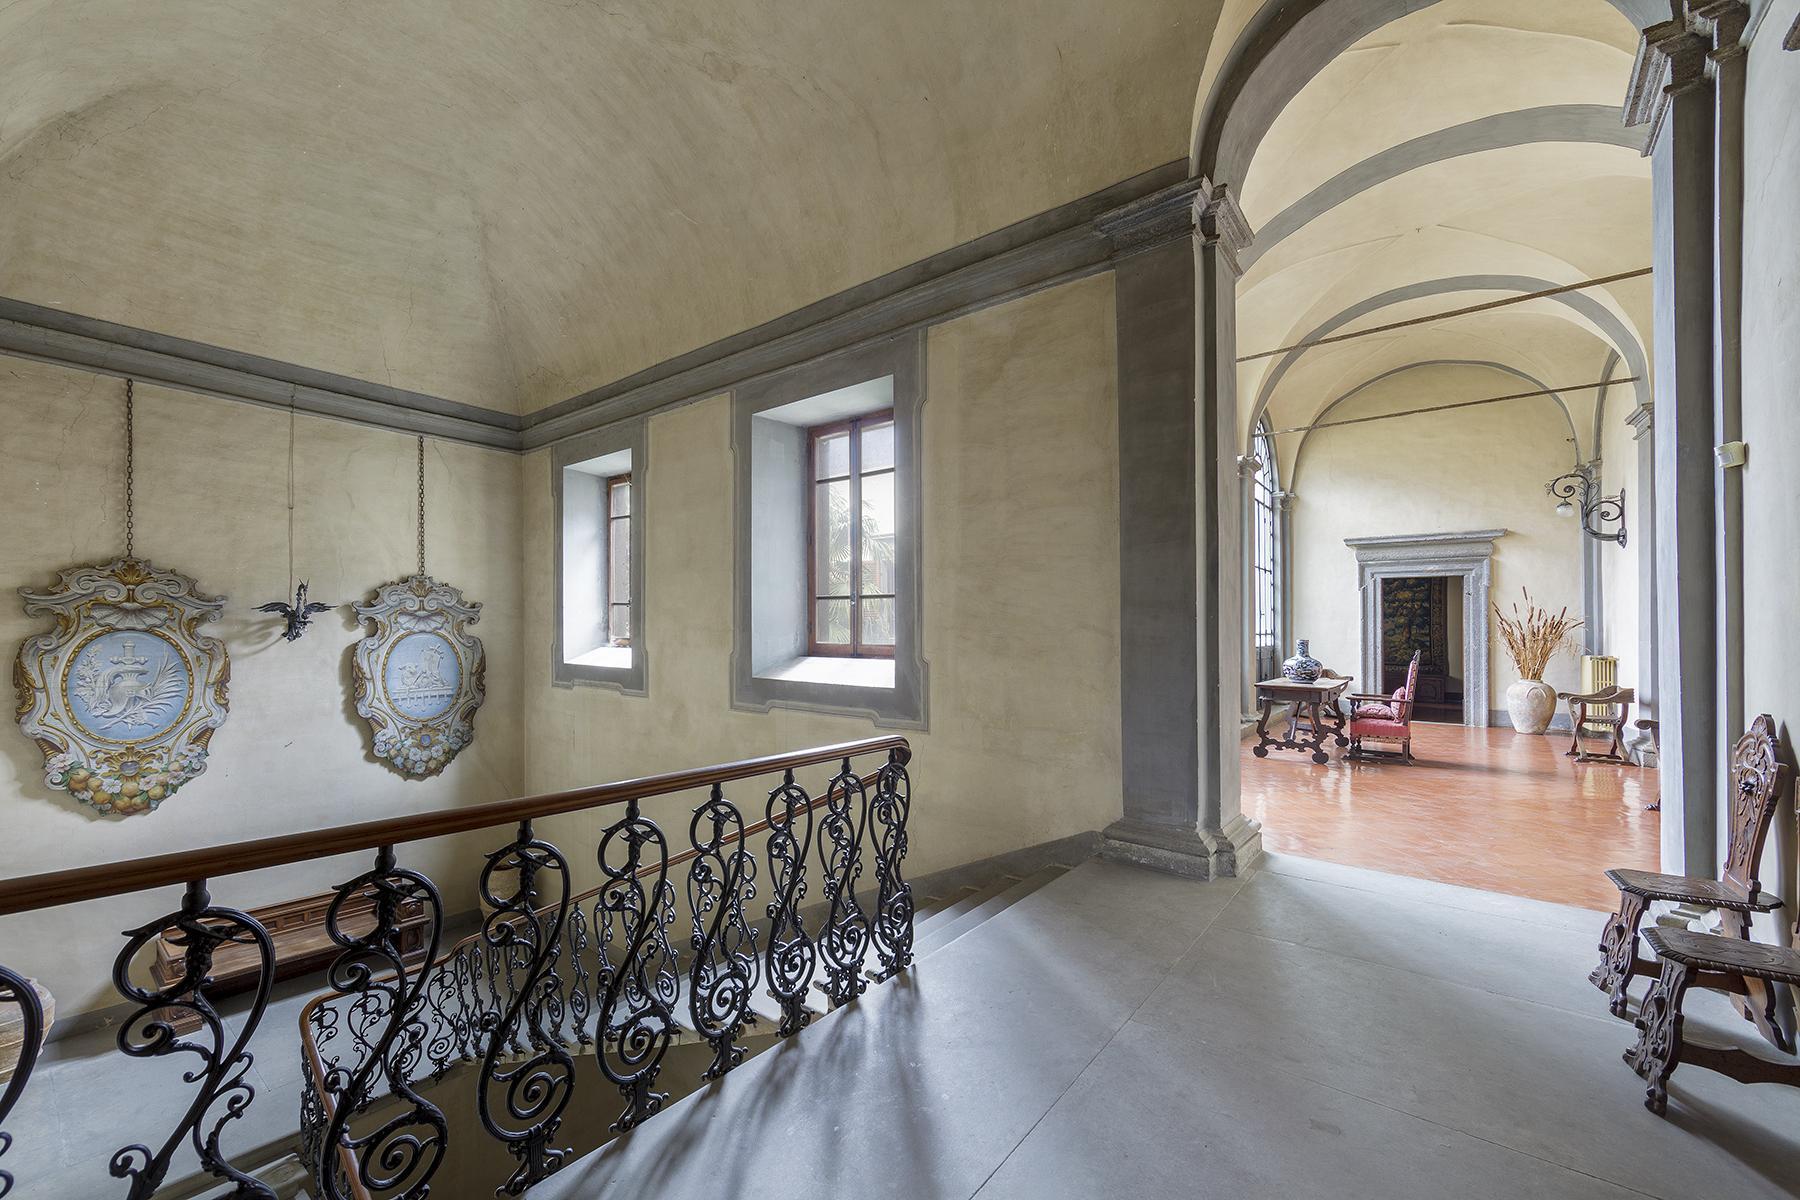 Прекрасный дворец в стиле Ренессанса - 4